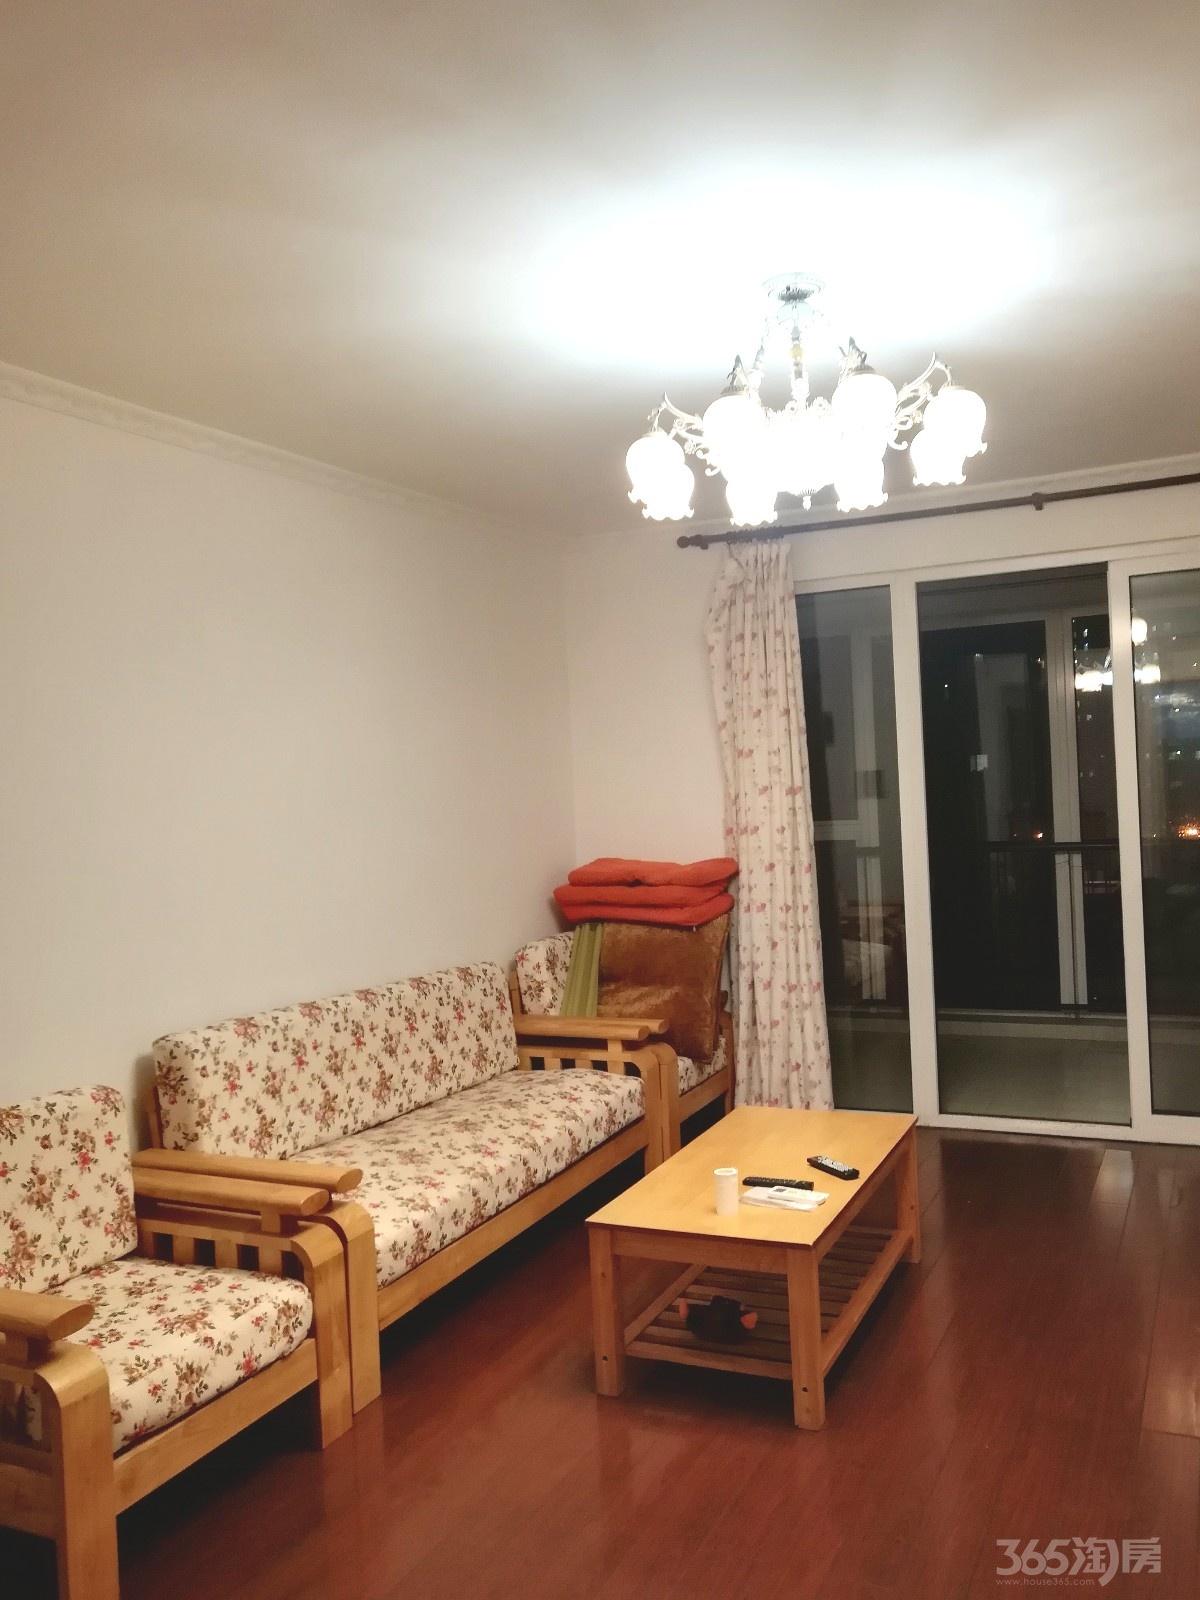 【整租】西堤国际一区3室2厅